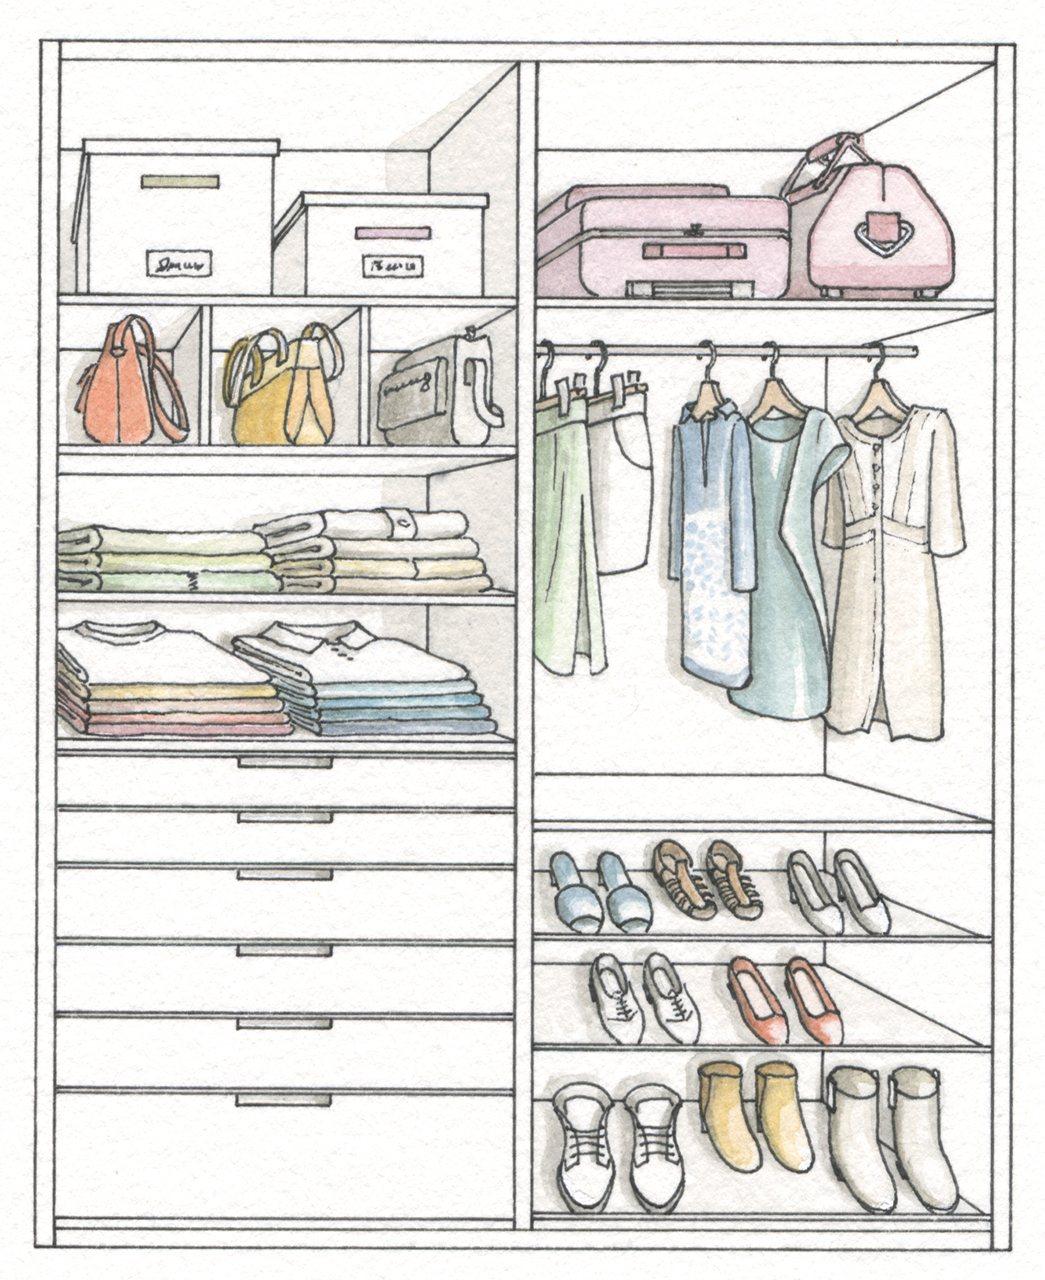 Armario ordena mejor y duplica el espacio for Dormitorio para dibujar facil